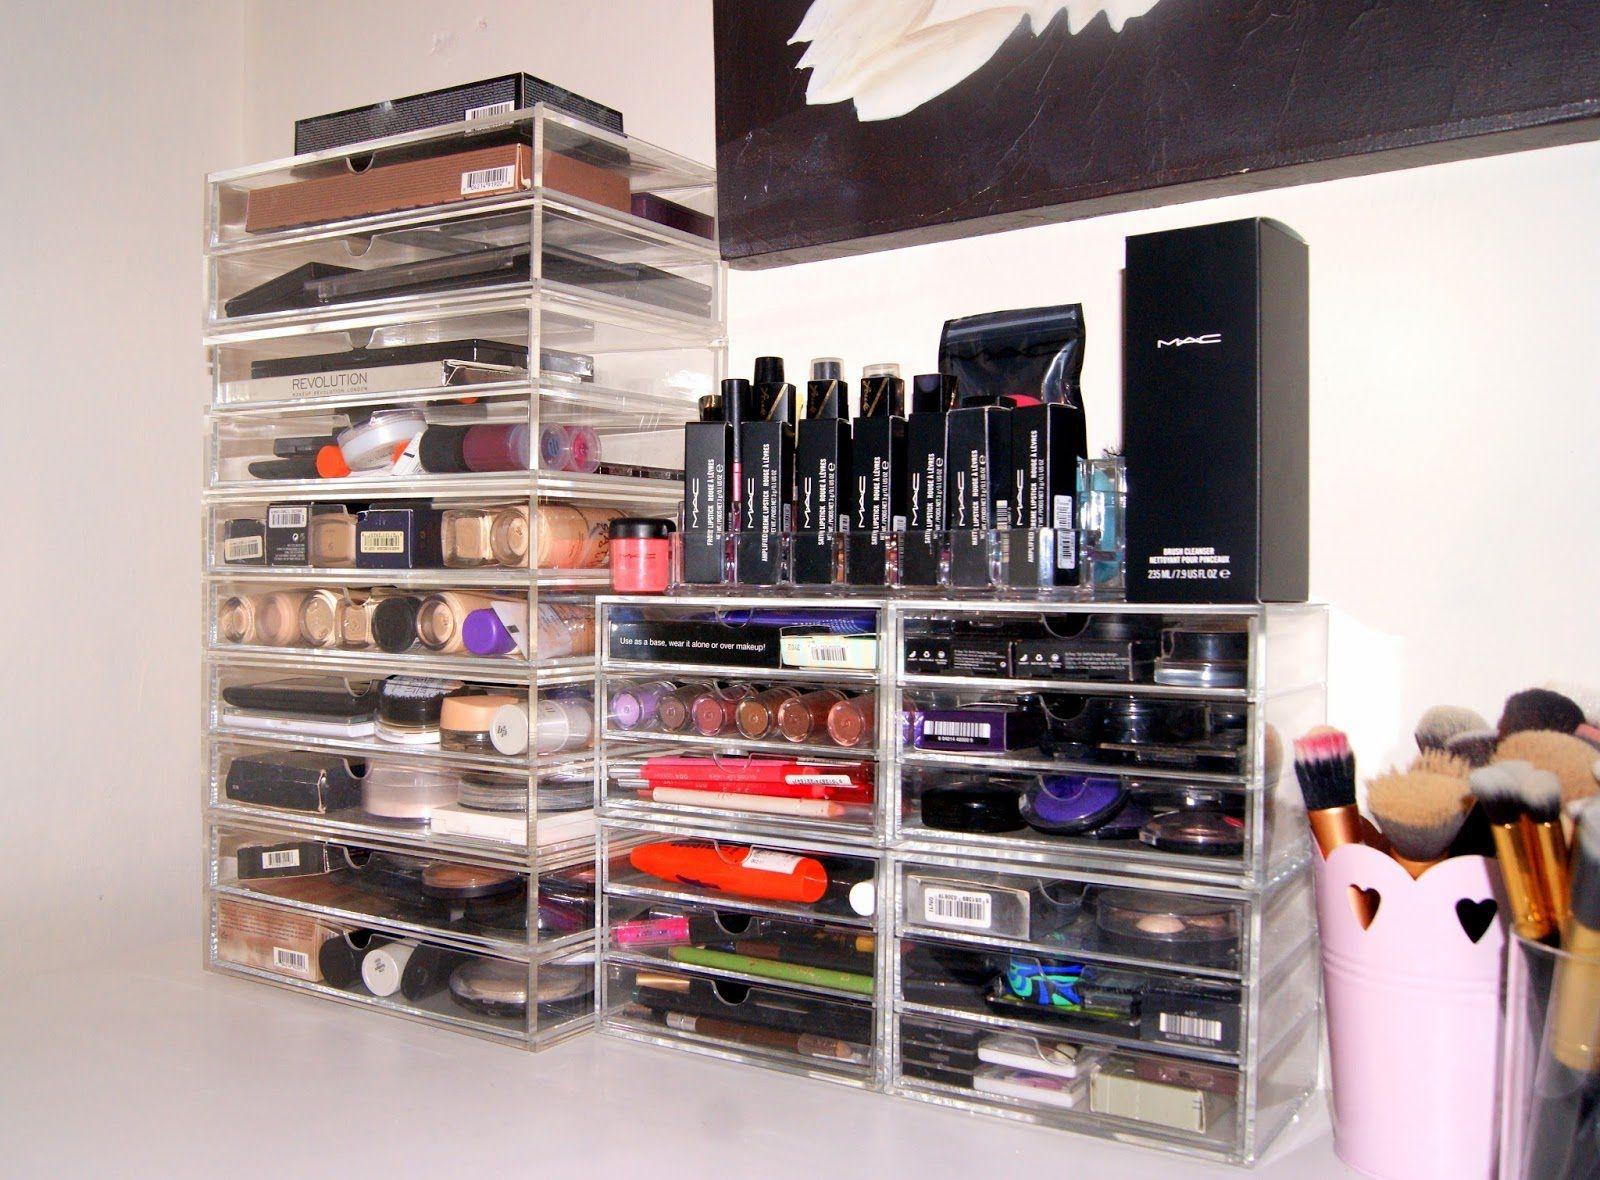 My Makeup Storage U0026 Collection | Vanity Tour, Muji Drawers